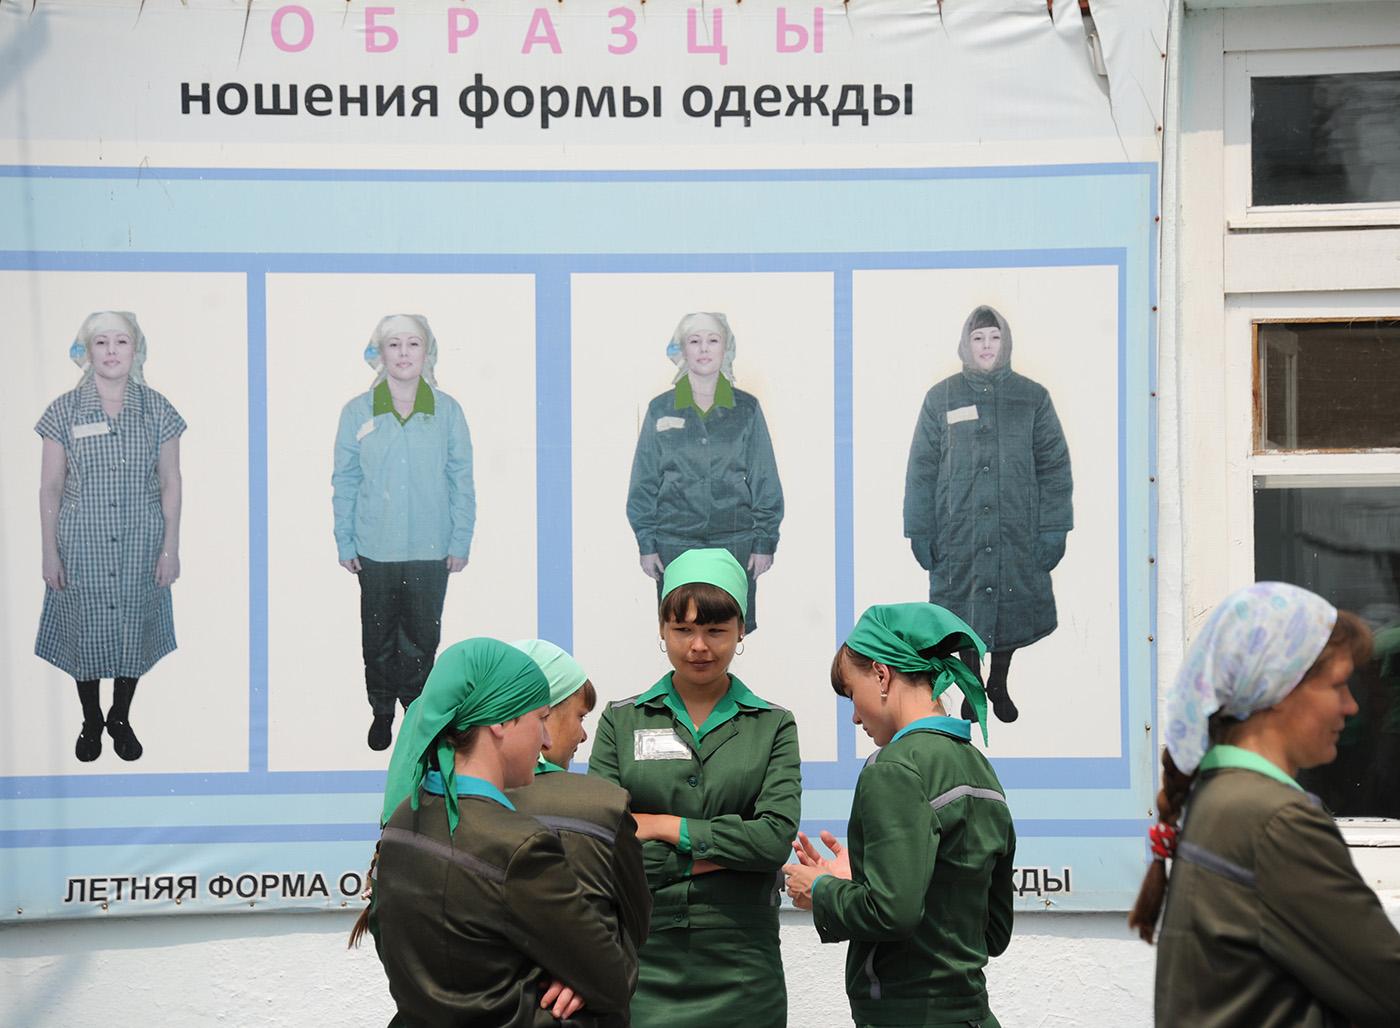 Секс вженских тюрмах россии